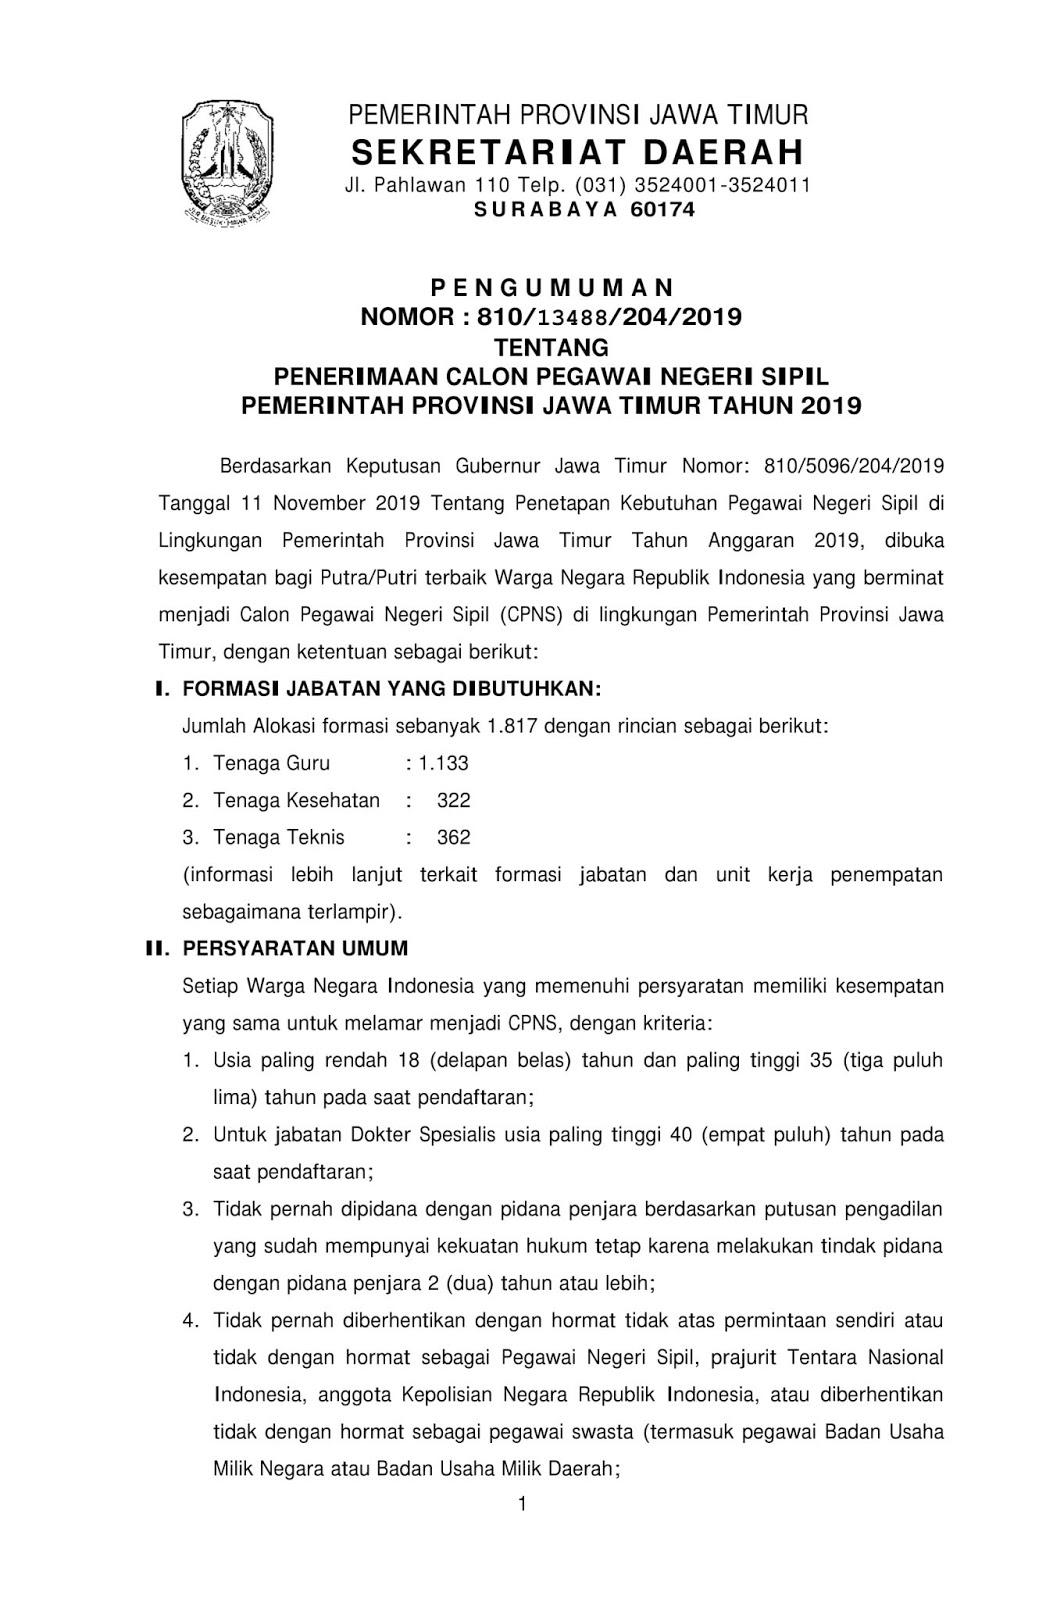 Penerimaan CPNS Pemprov Jawa Timur Tahun 2019 [1.817 Formasi]